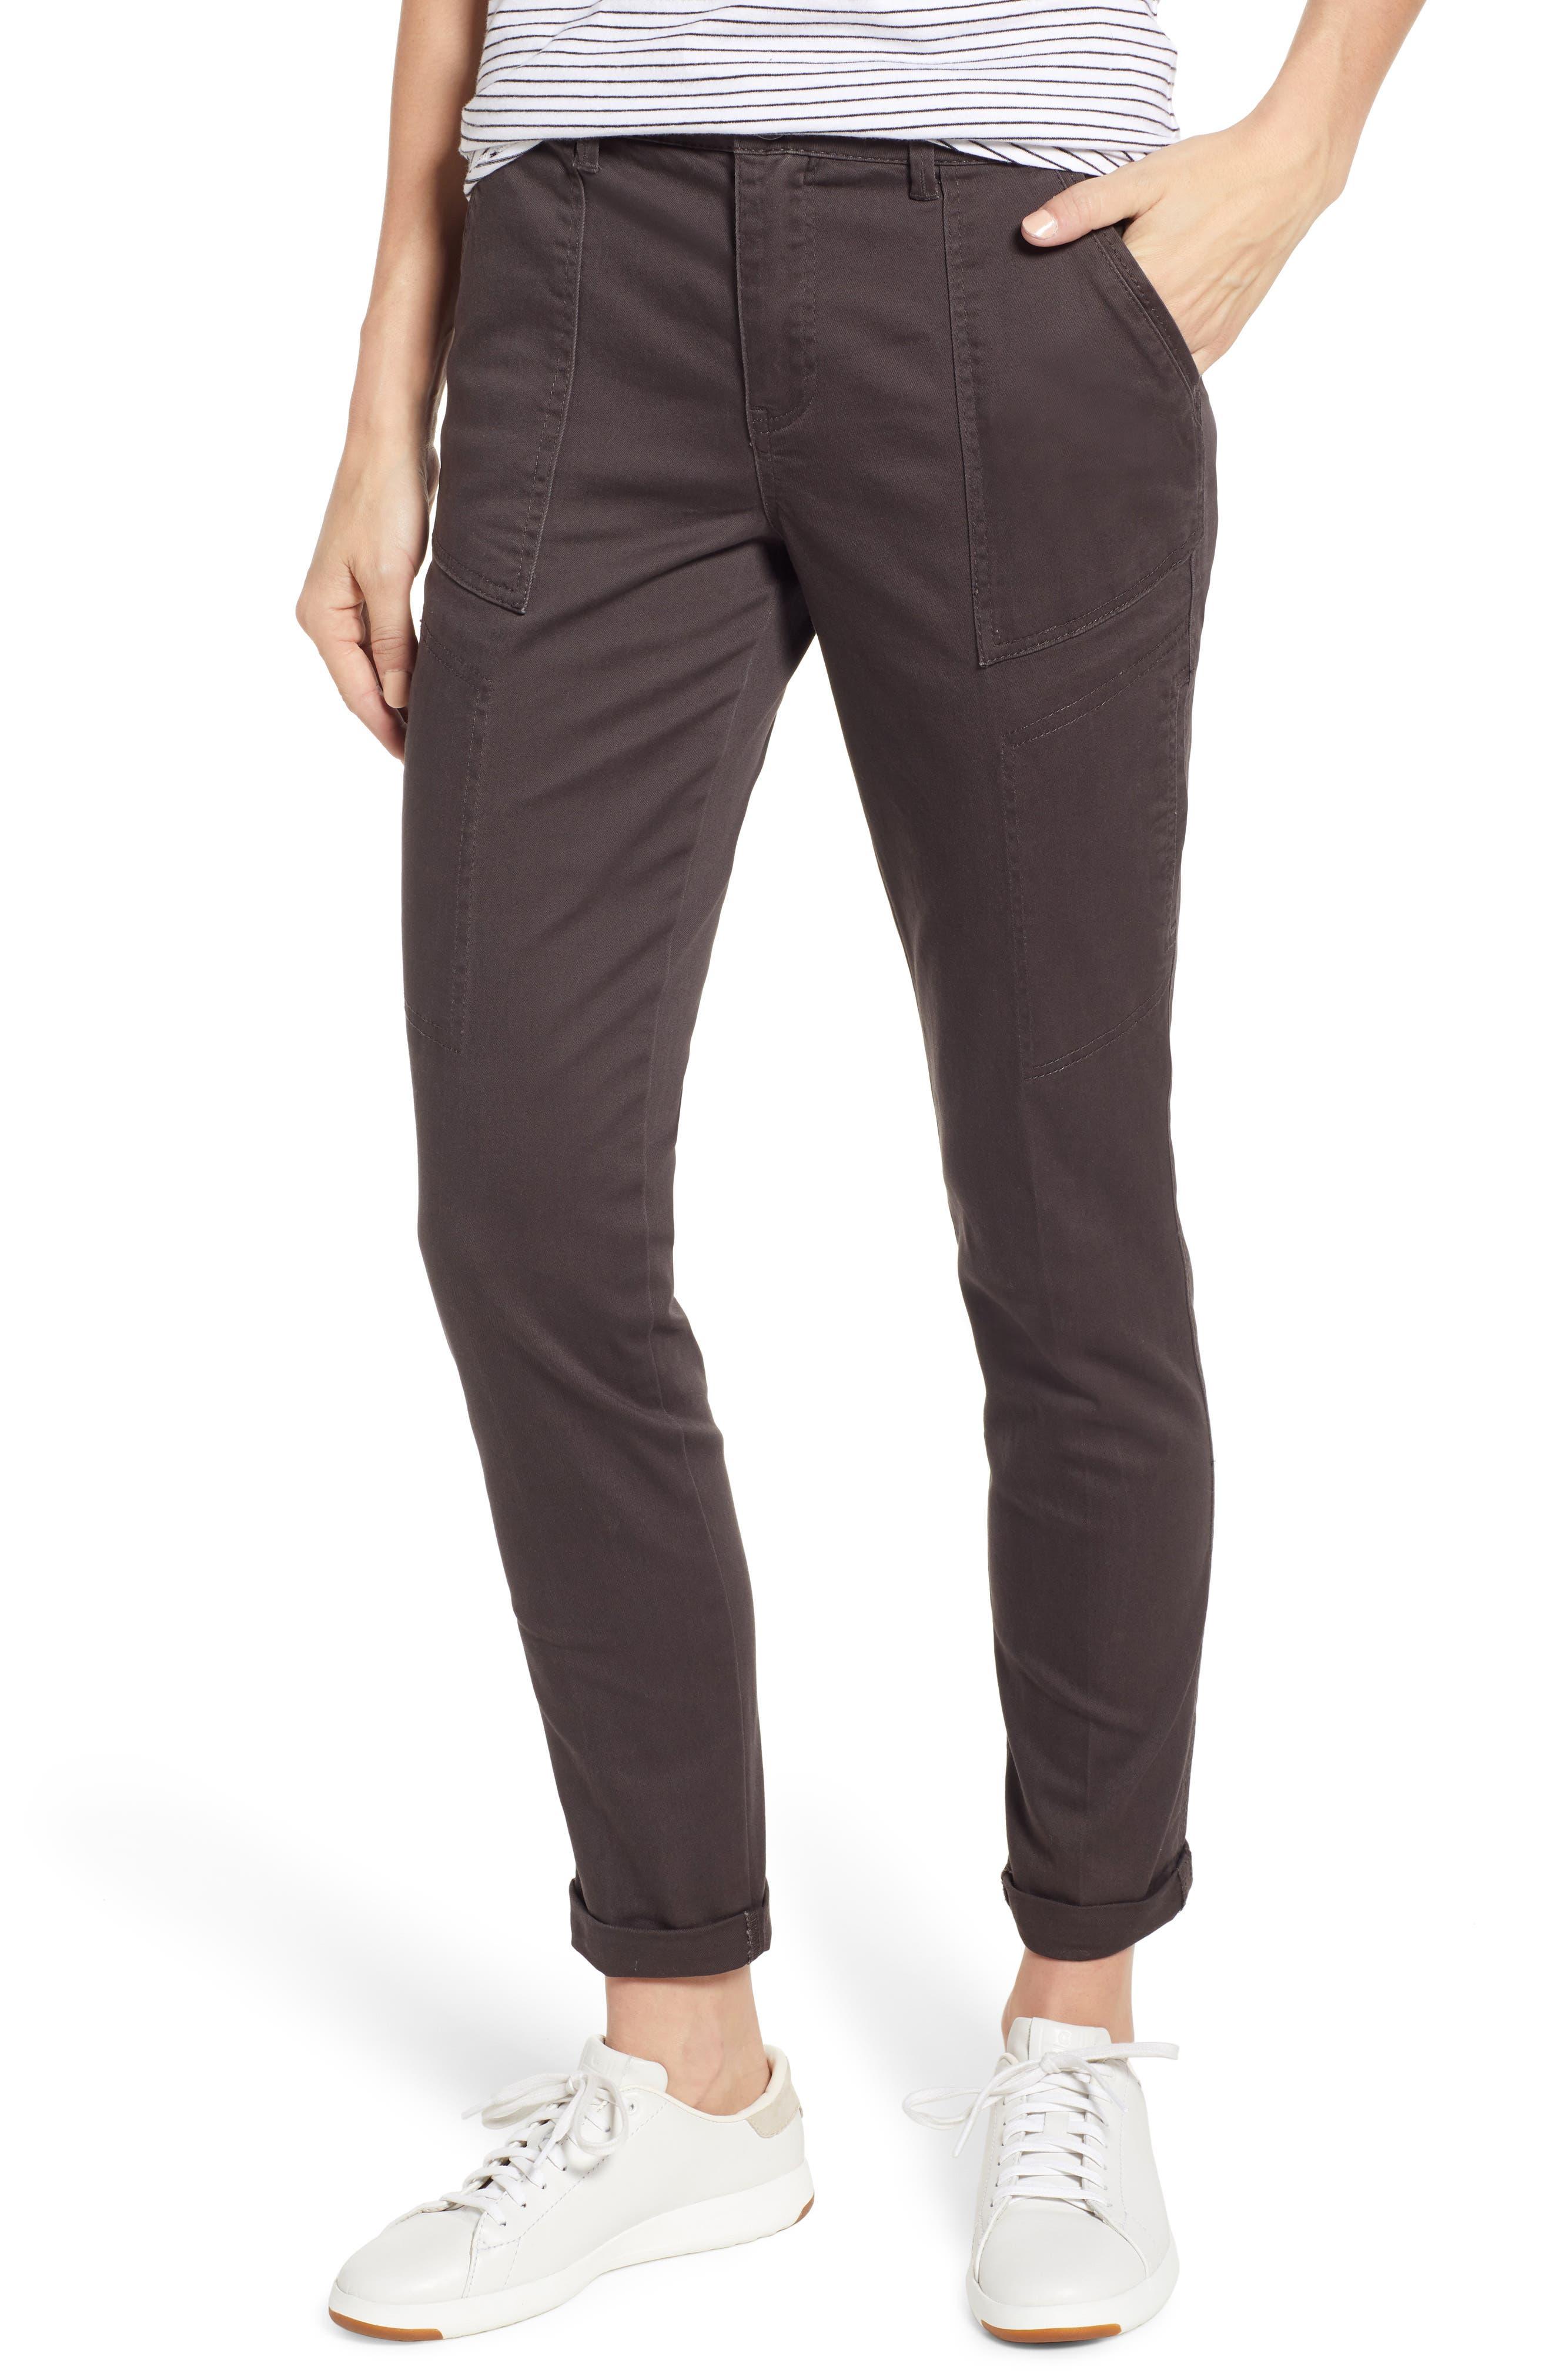 WIT & WISDOM Flex-ellent High Waist Cargo Pants, Main, color, ESPRESSO